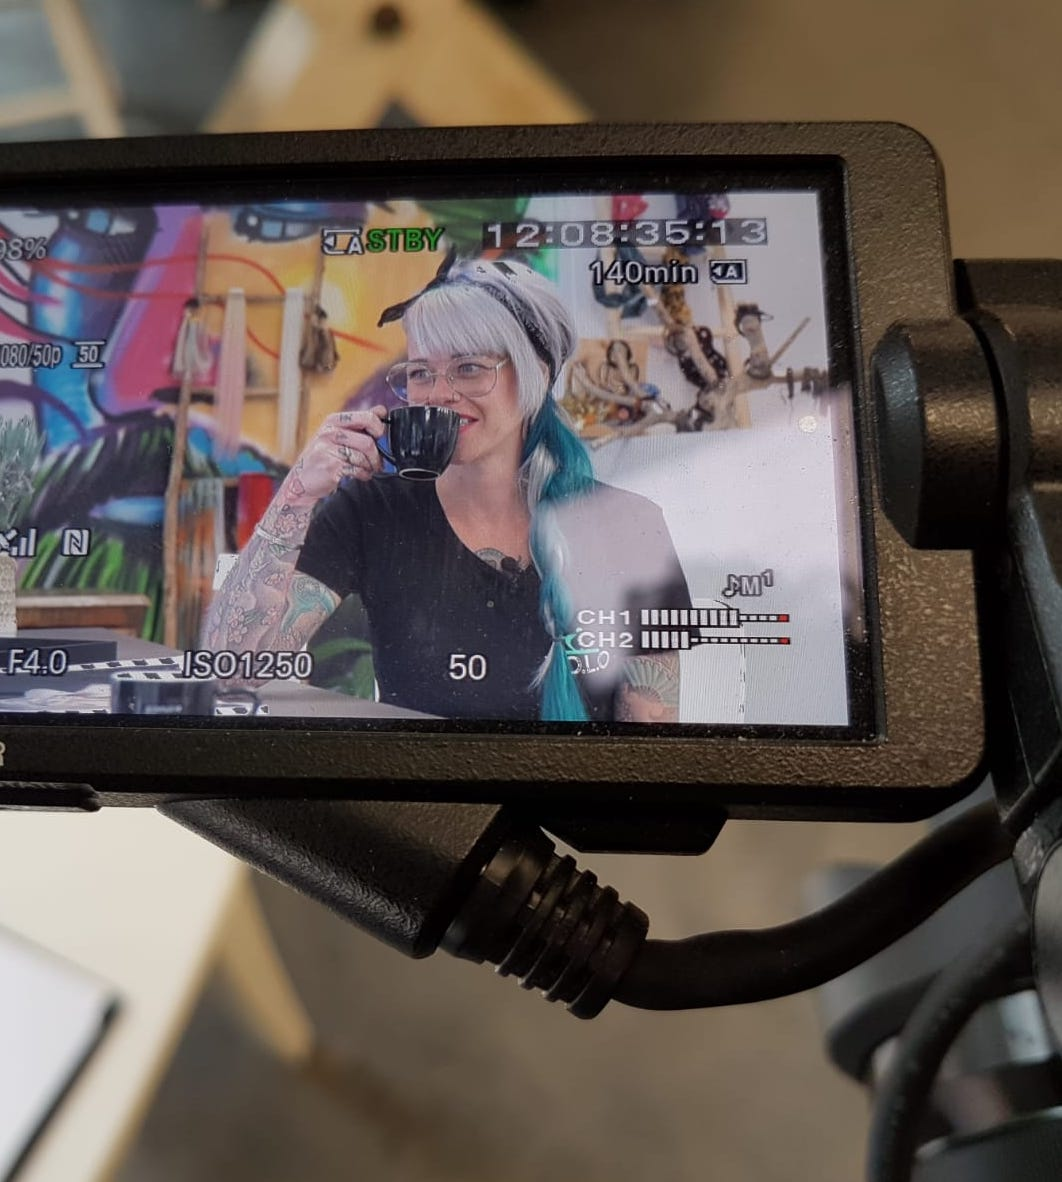 Coiffure TV: Een kijkje bij salon Y.O.L.O